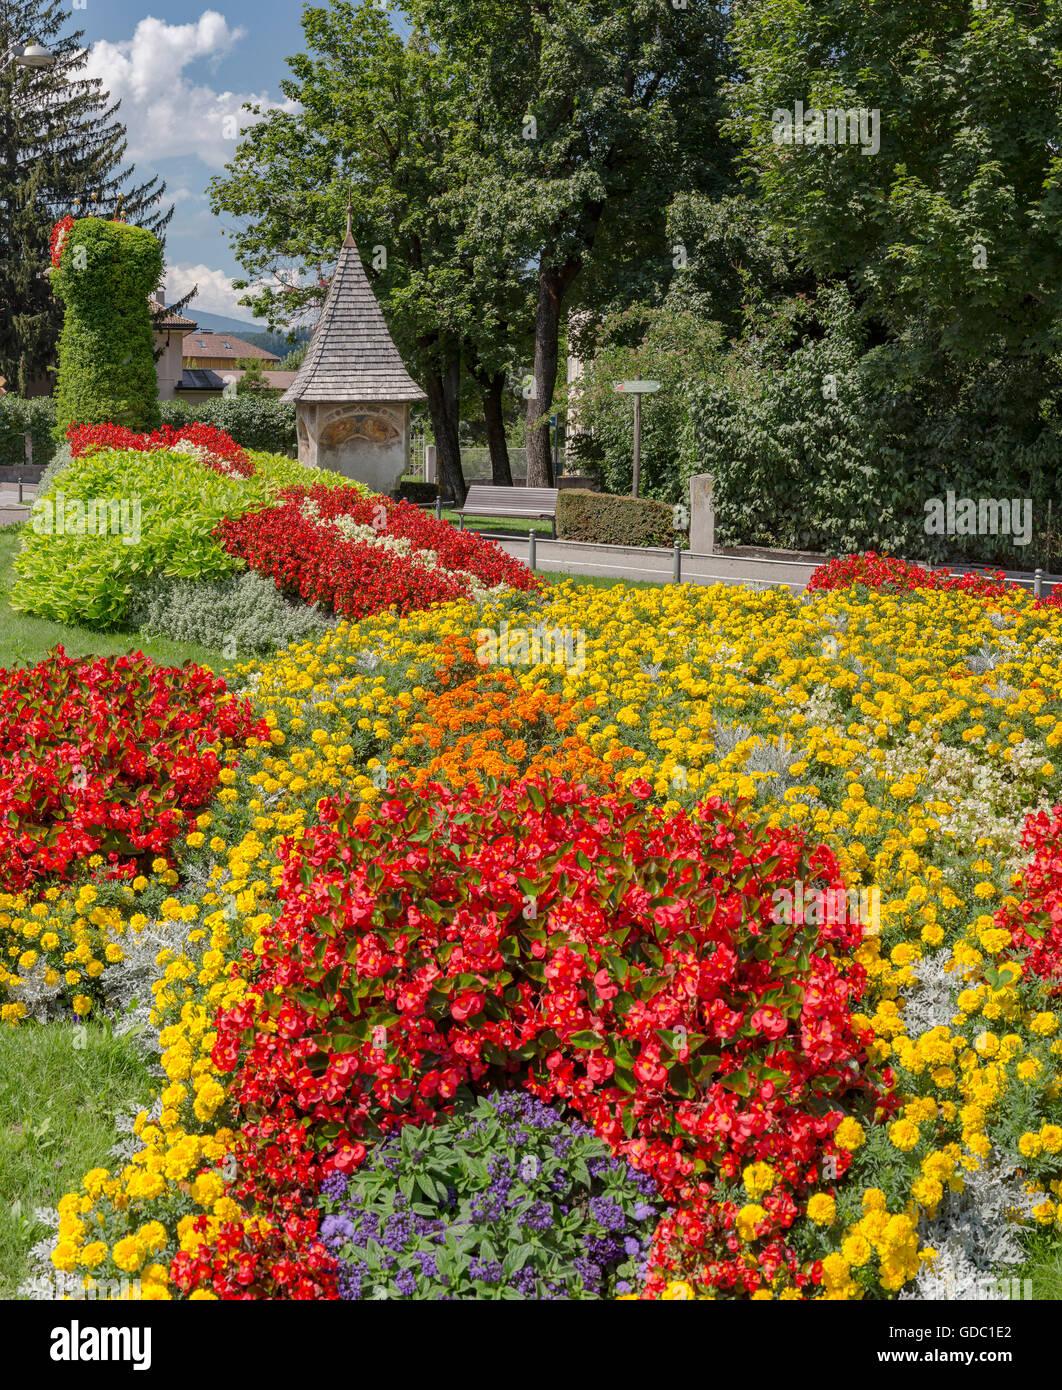 Bruneck, Brunico, Italia, Bildstock mit einem Blumenbeet Stockbild